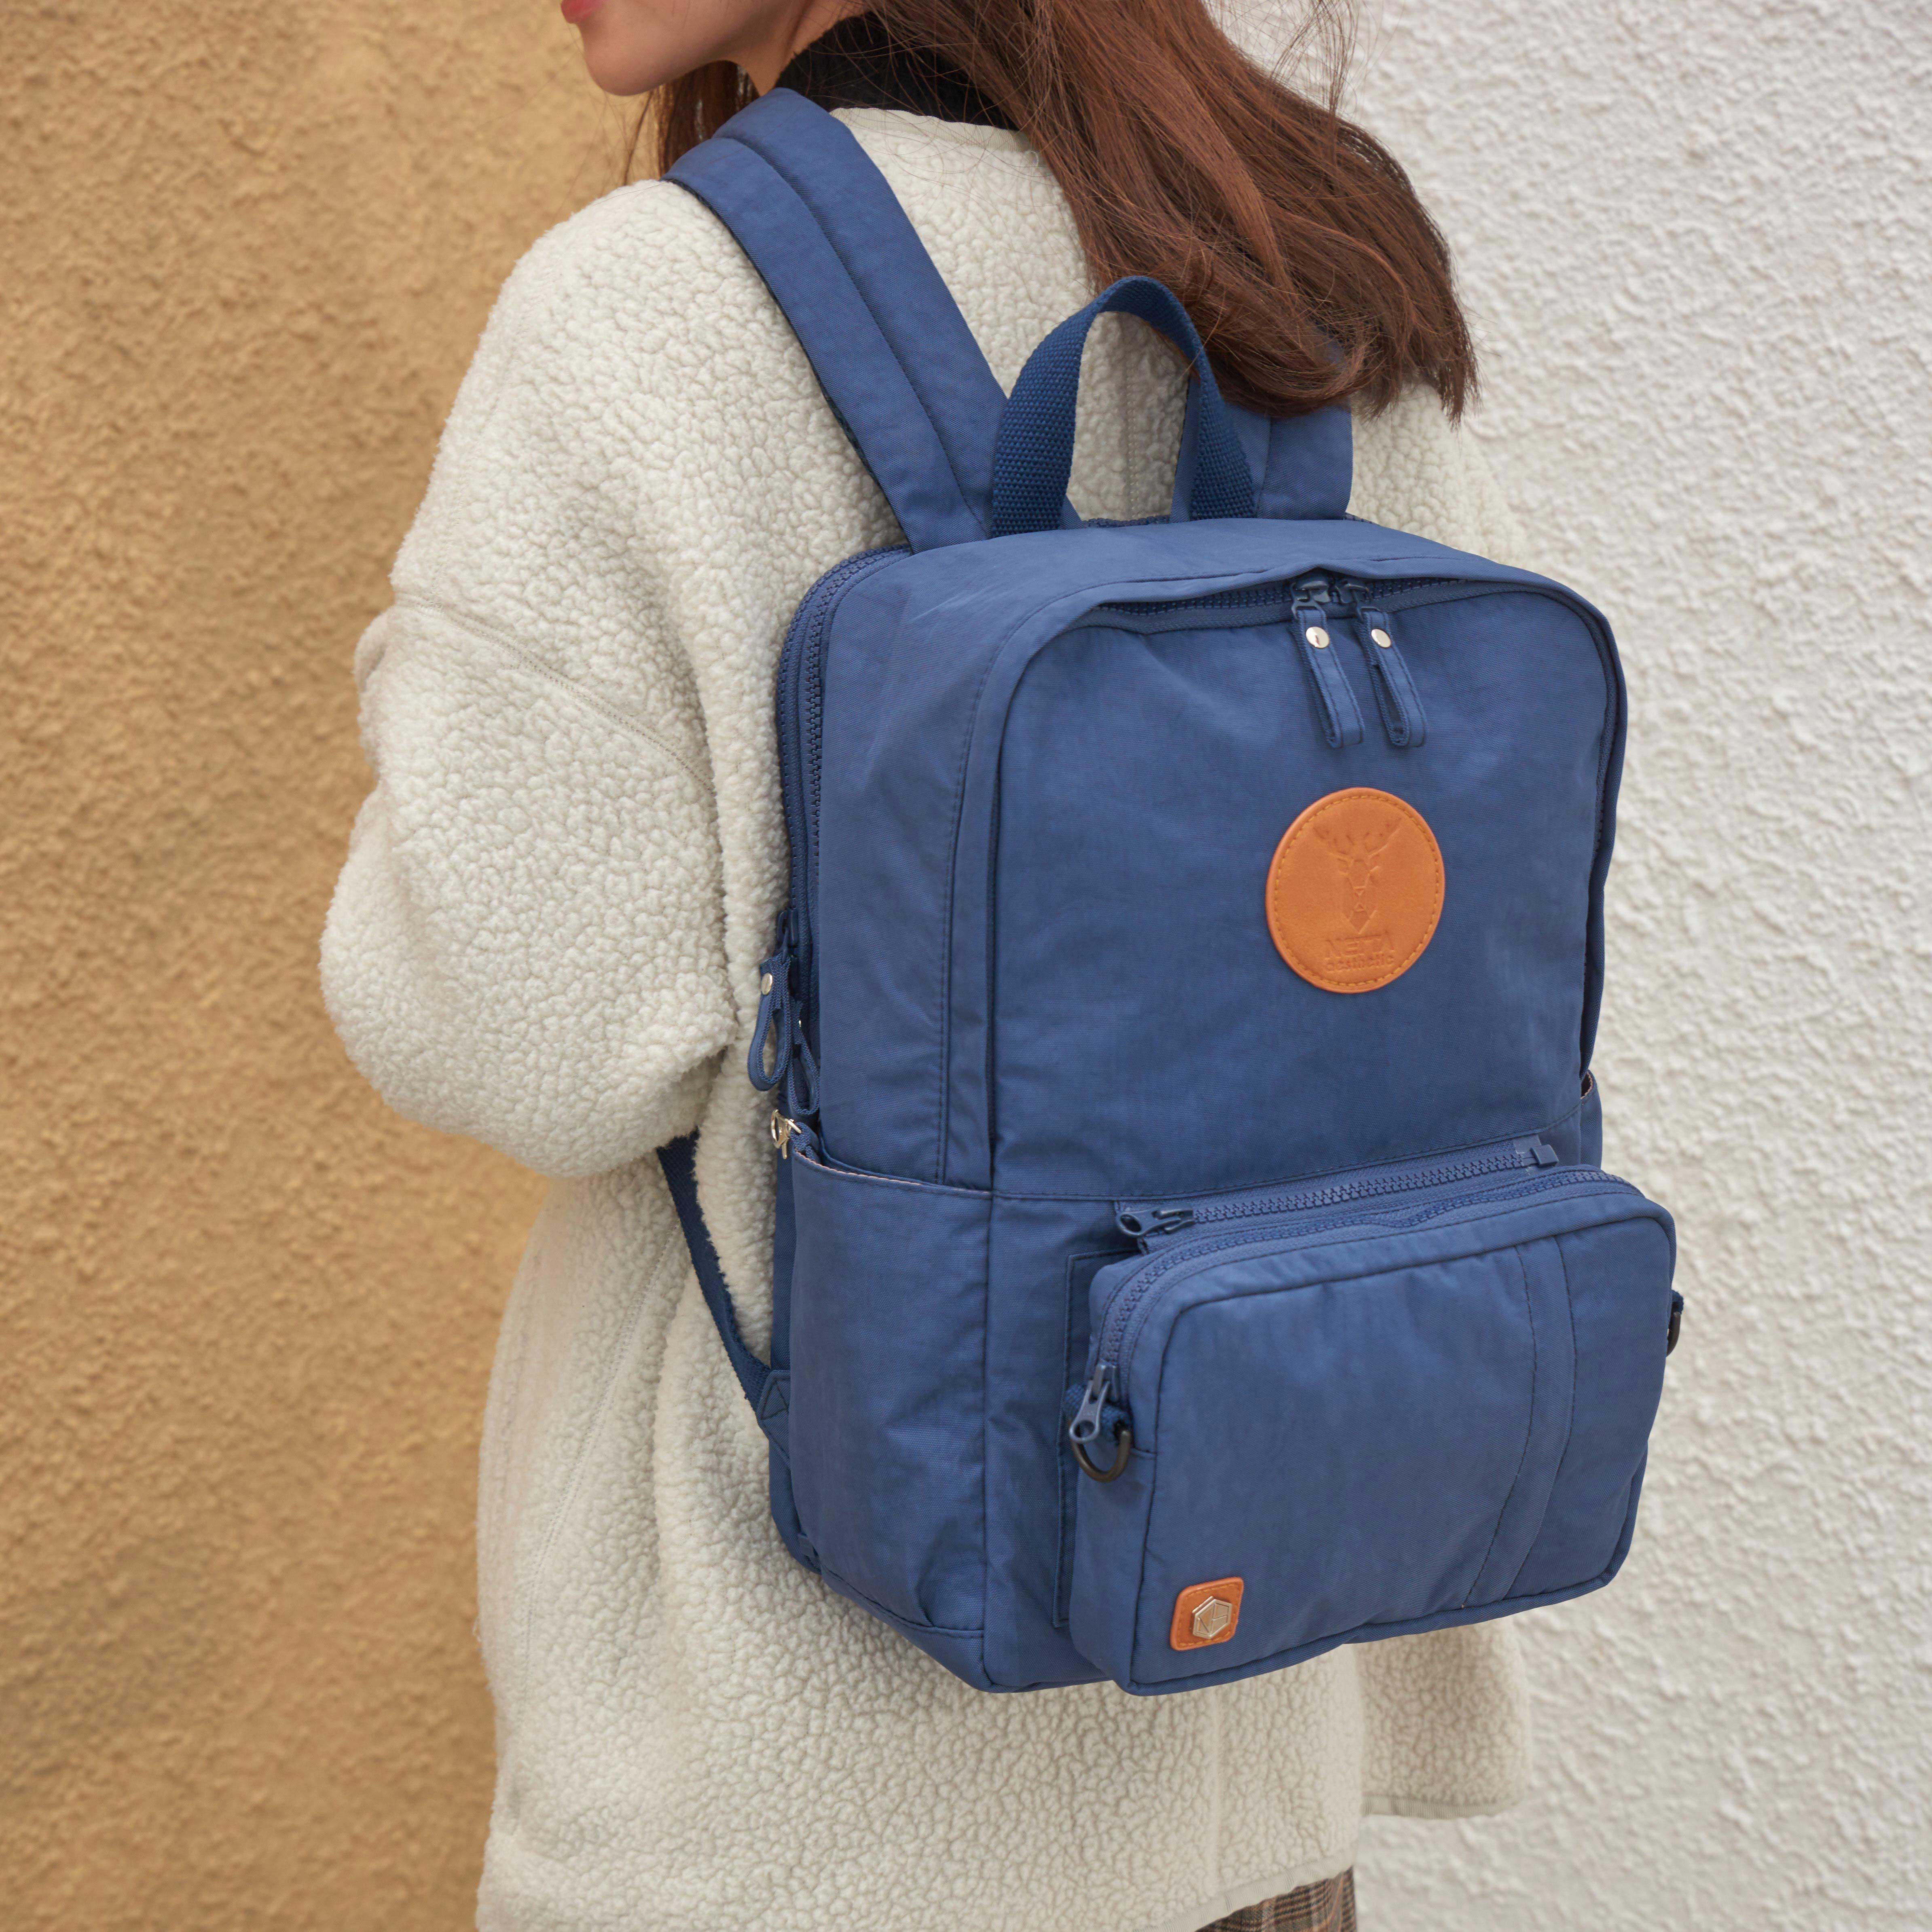 防潑水多功能後背包 / 深藍 / 尺寸M號 / 電腦包可拆卸【NETTA】 5